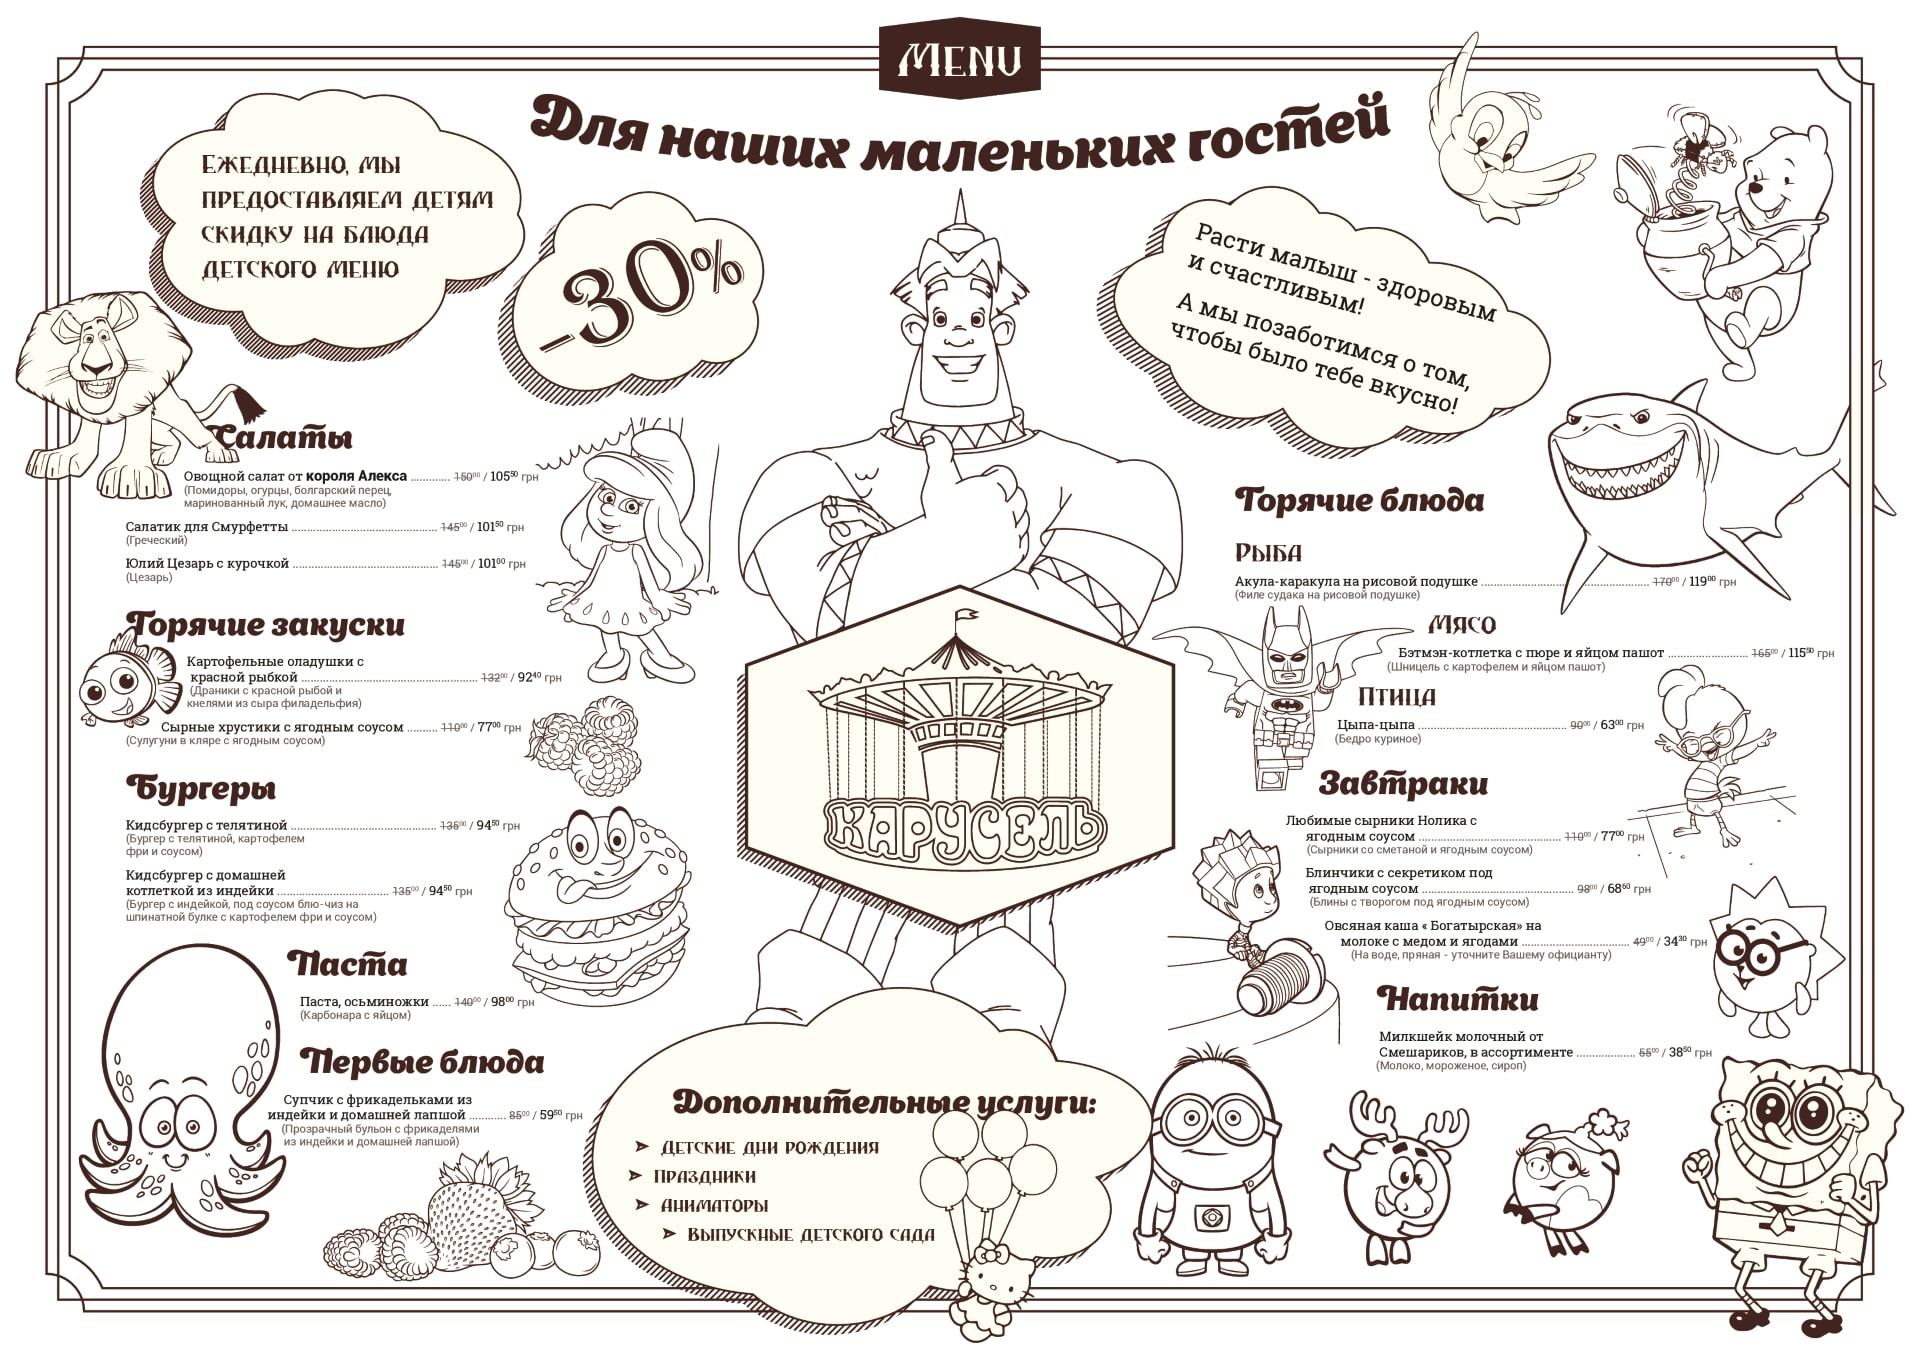 детское меню кафе карусель днепр